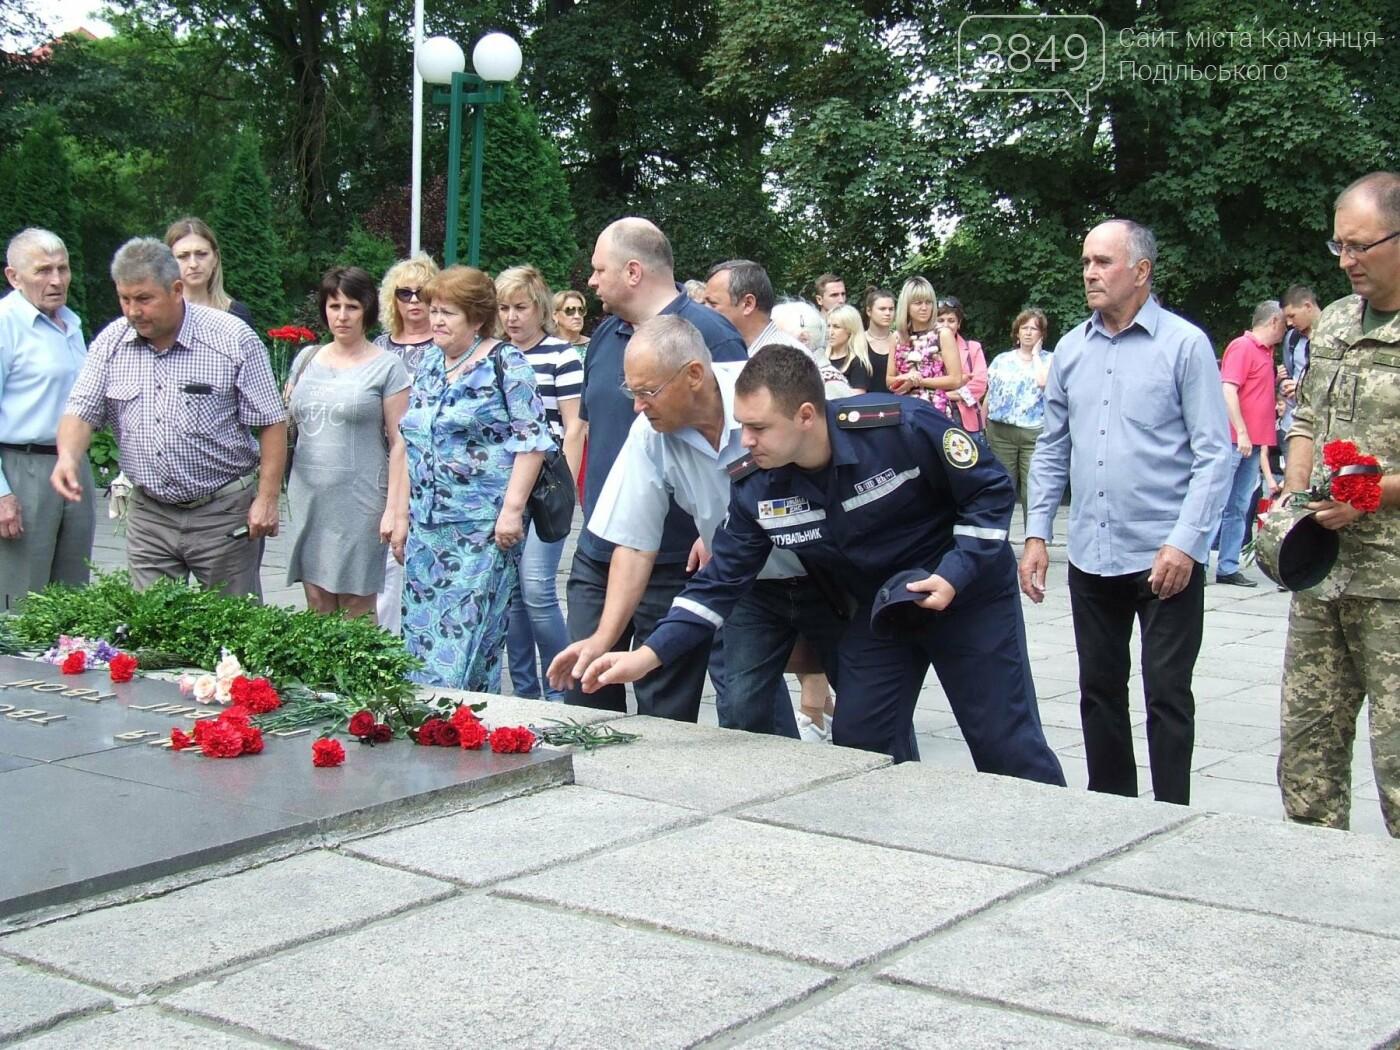 У Сквері танкістів вшанували пам'ять полеглих під час Другої світової війни, фото-13